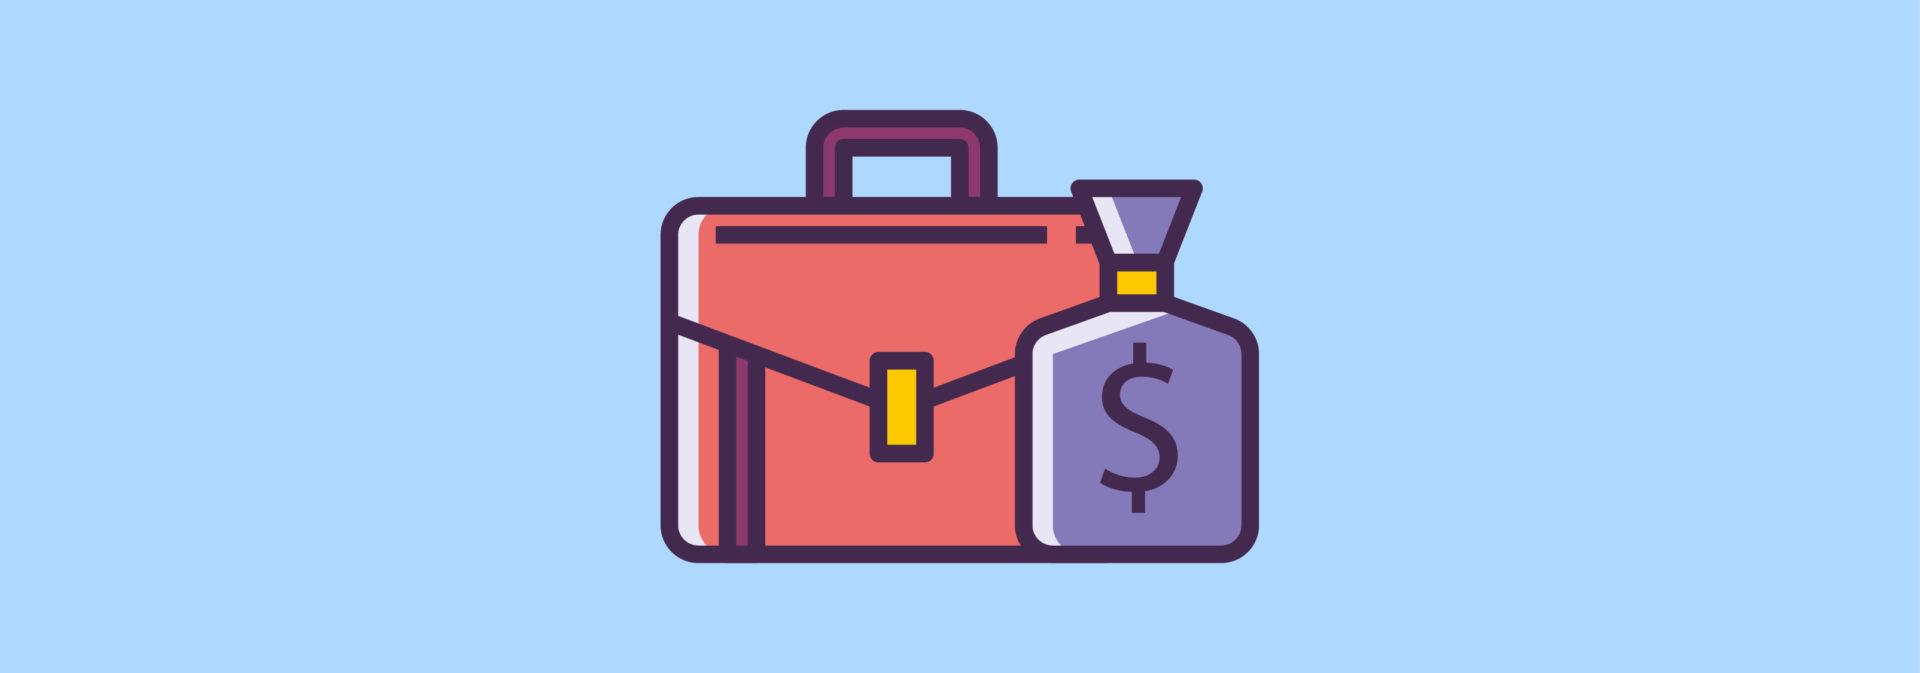 Логотип «Как отвечать работодателю на вопрос о зарплате — советы экспертов»